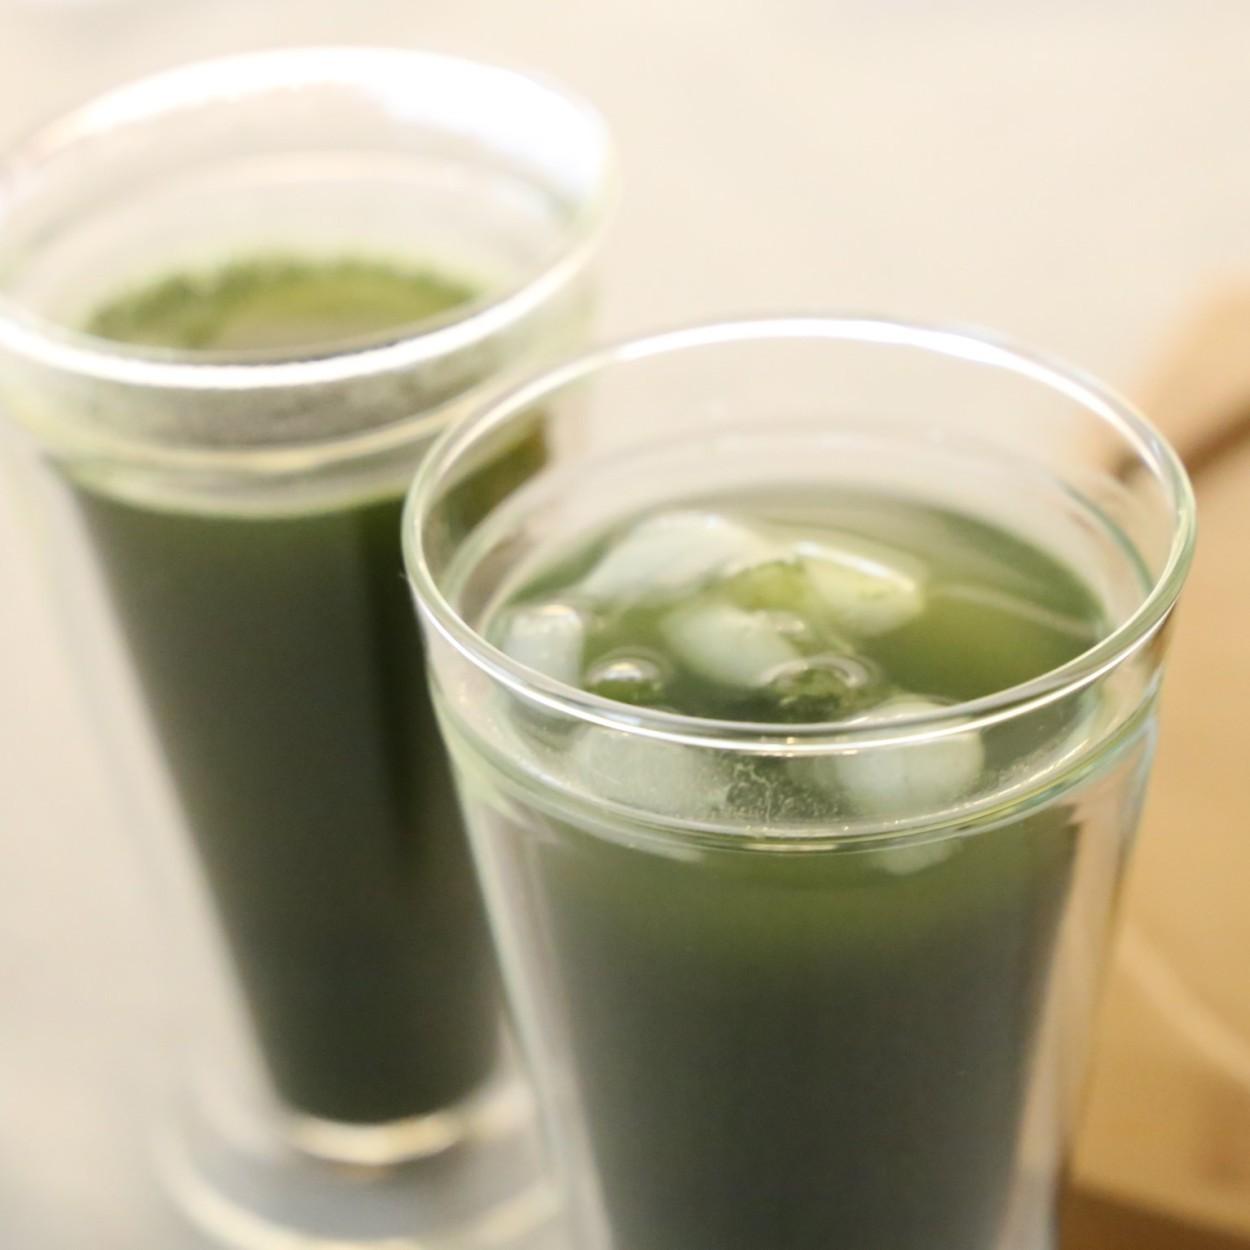 沖縄のおじーとおばーが作った「シマ桑茶」。ダイエットをサポート♪血液サラサラ、糖尿病サヨナラ。